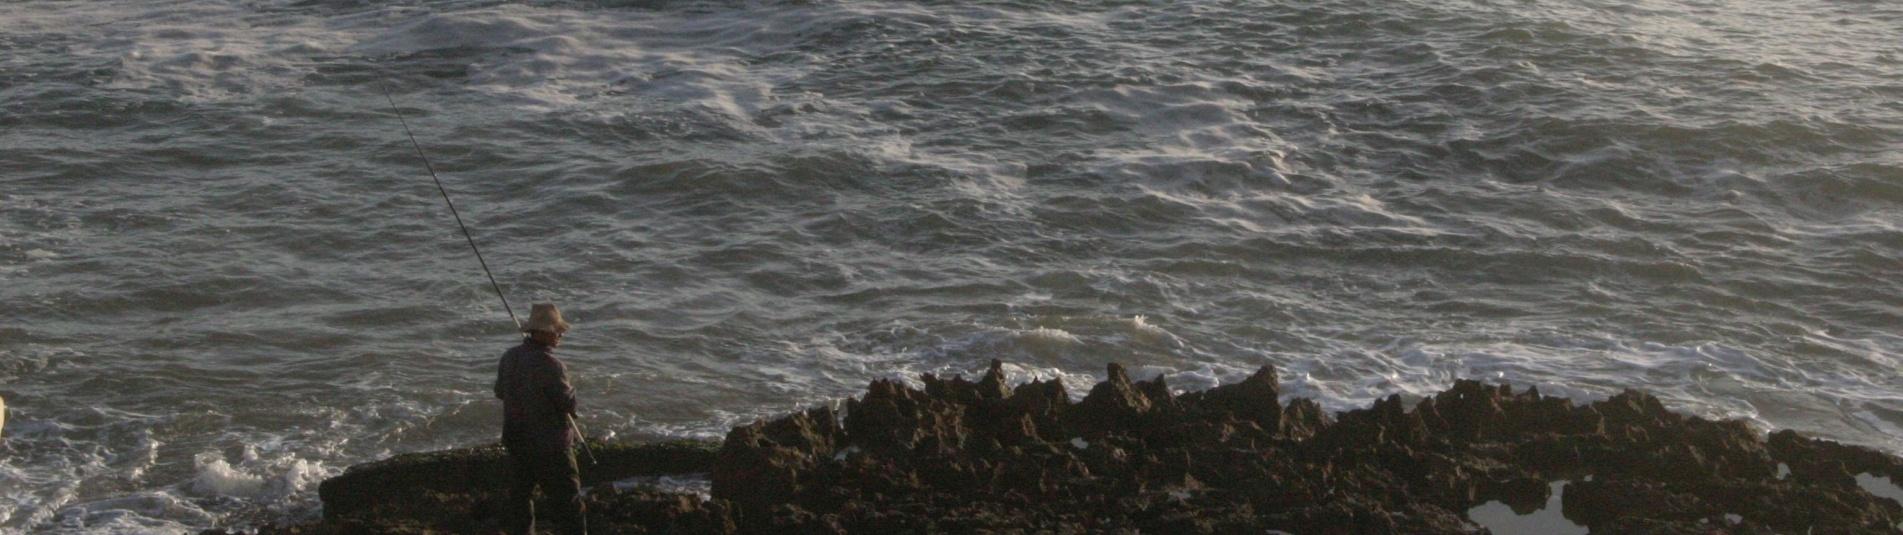 Fischer am Strand